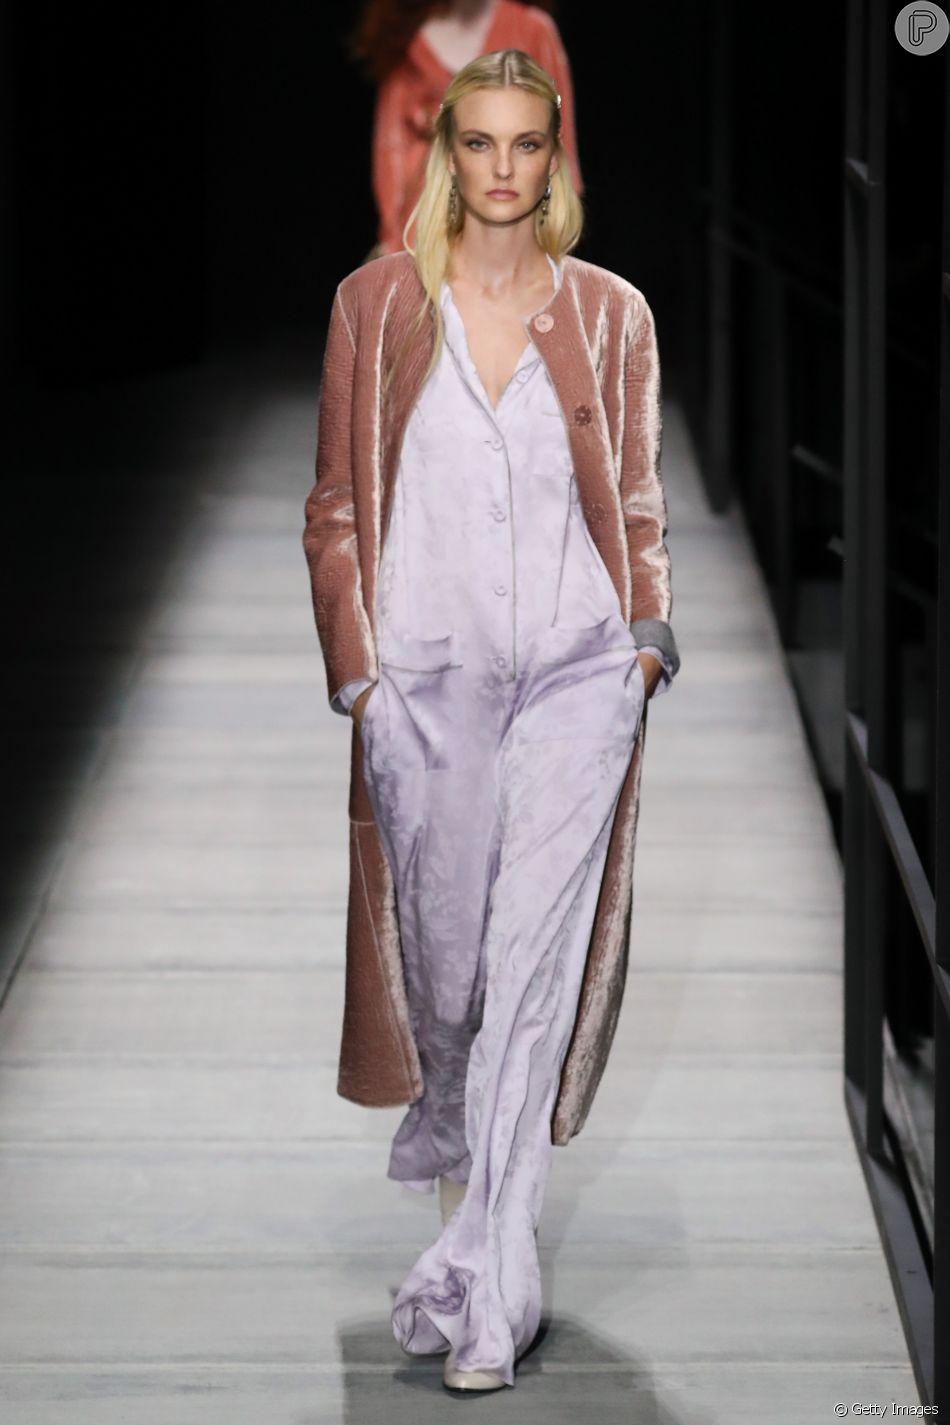 Uma das cores do verão 2018, Lavanda é fácil de combinar e fica bom em quase todos os tipos de pele. Na passarela da Bottega Veneta, Carol Trentini mostra que rosa e lavanda são uma combinação chiquérrima